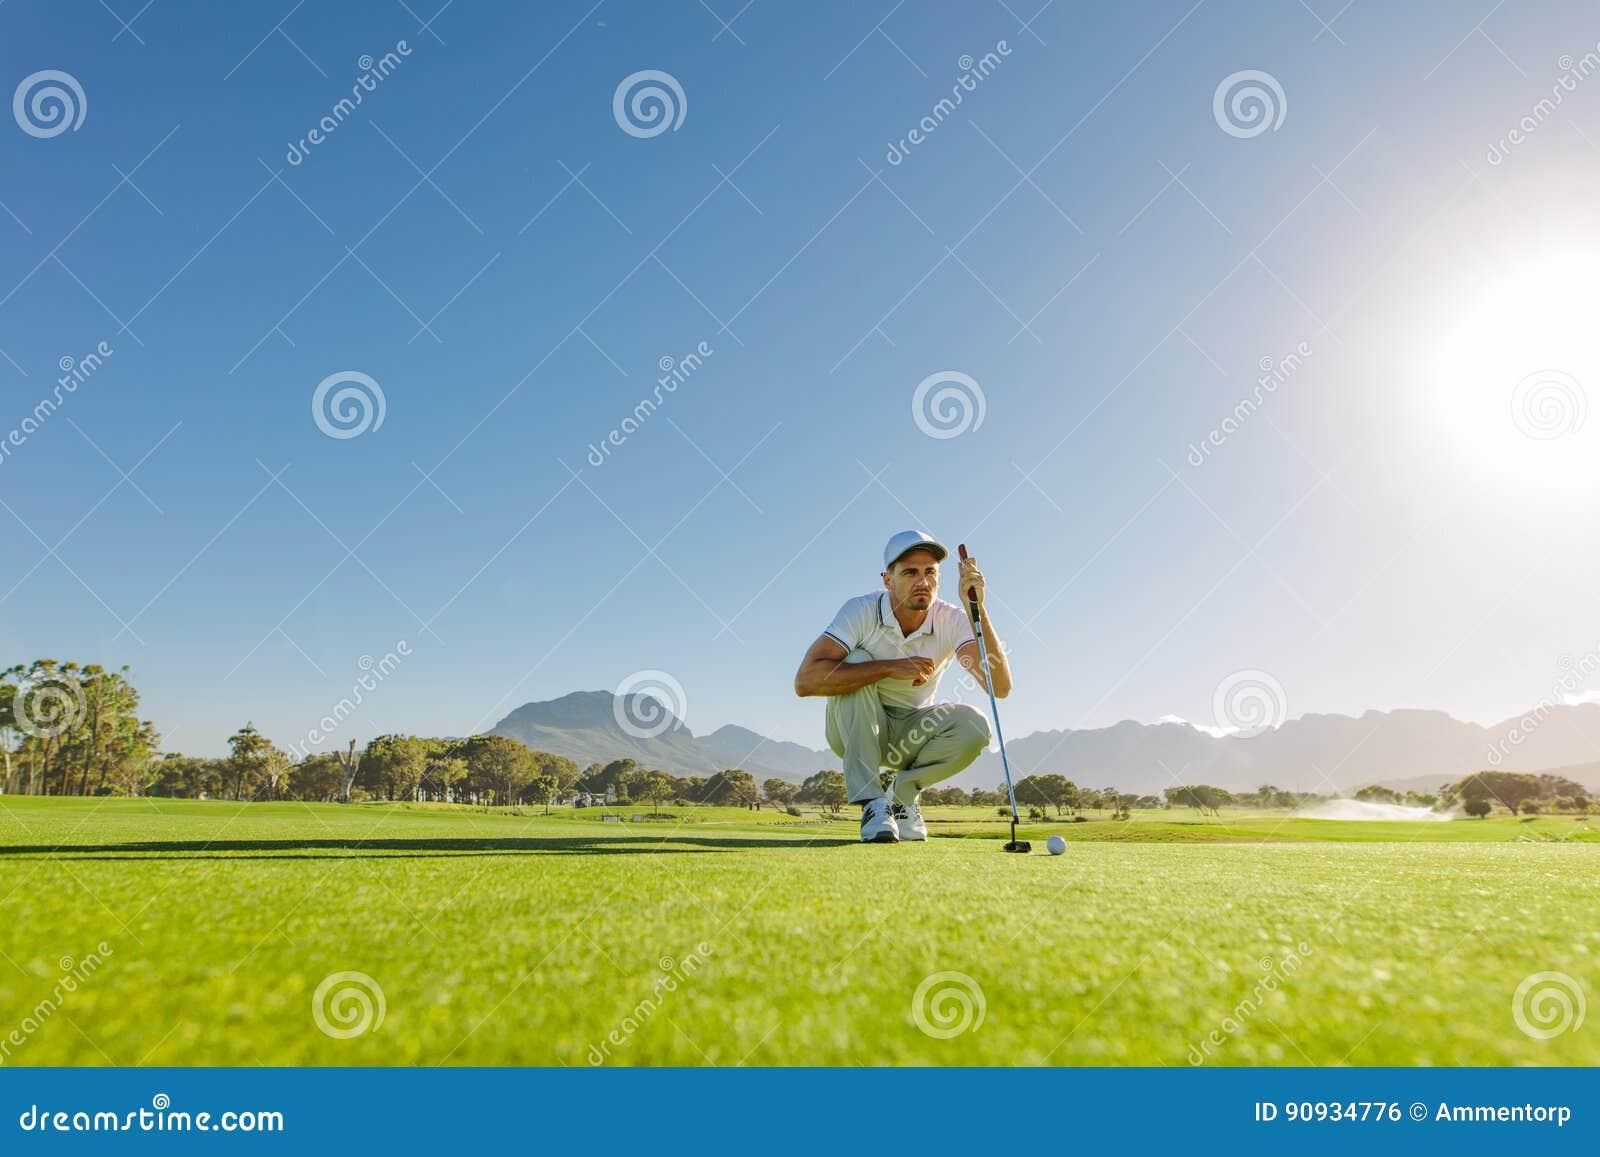 Golfeur visant à rendre son prochain putt parfait